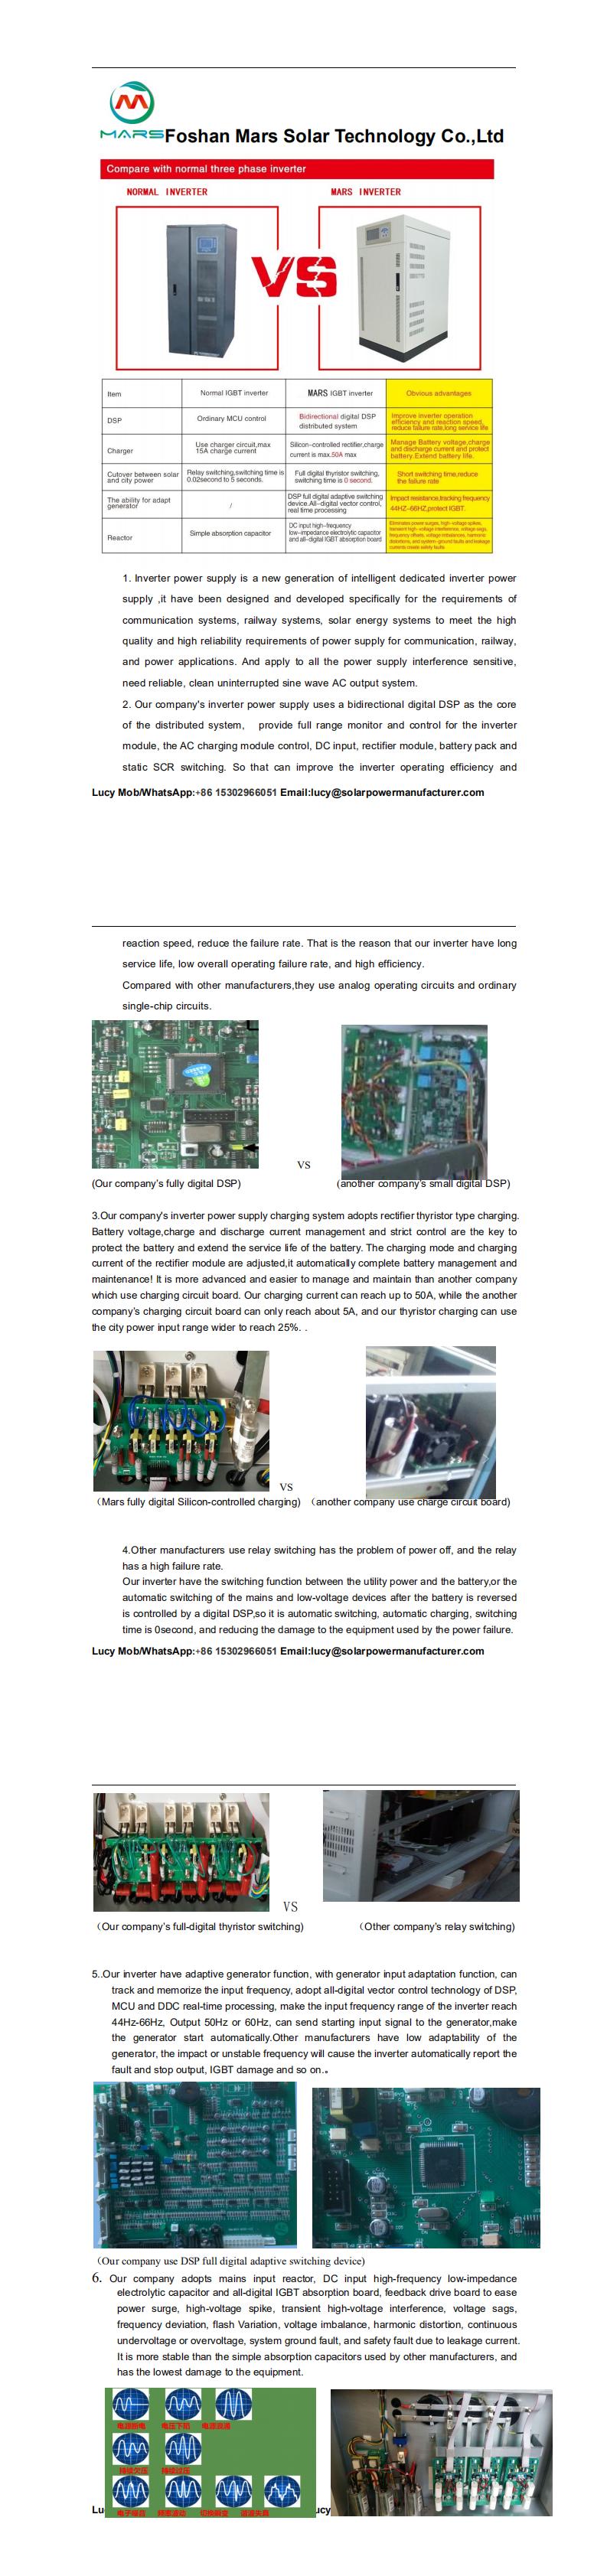 three phase inverter manufacturer